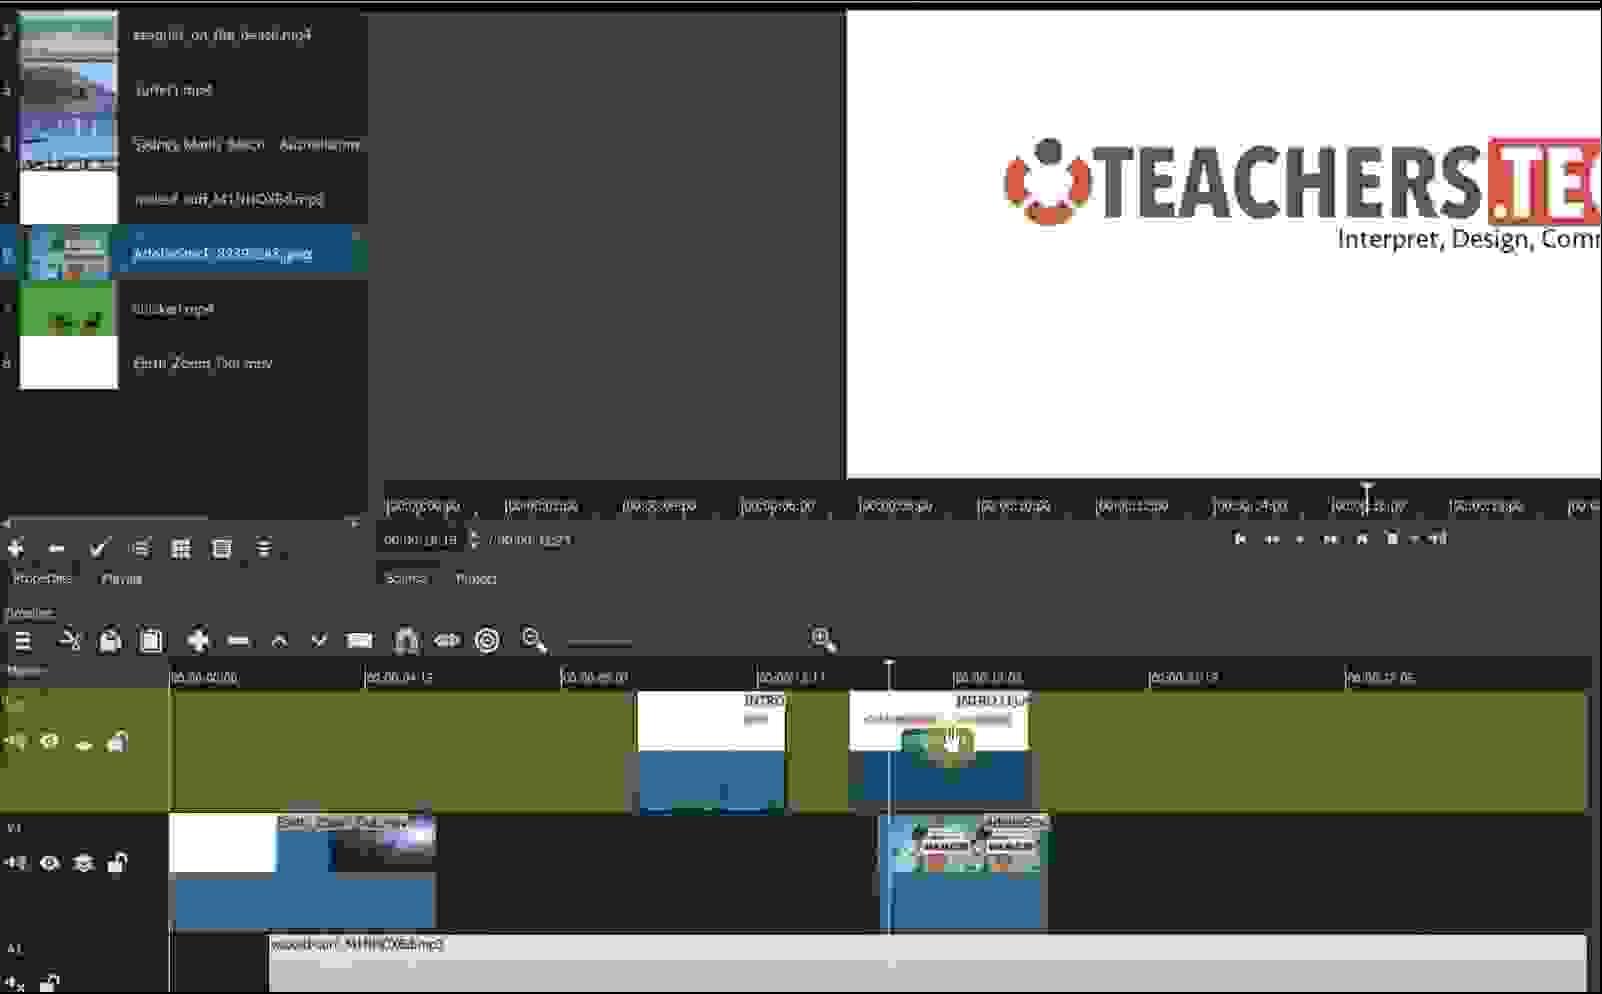 شوت كات (Shotcut)، أفضل صانع أفلام مفتوح المصدر لعشاق الصوت